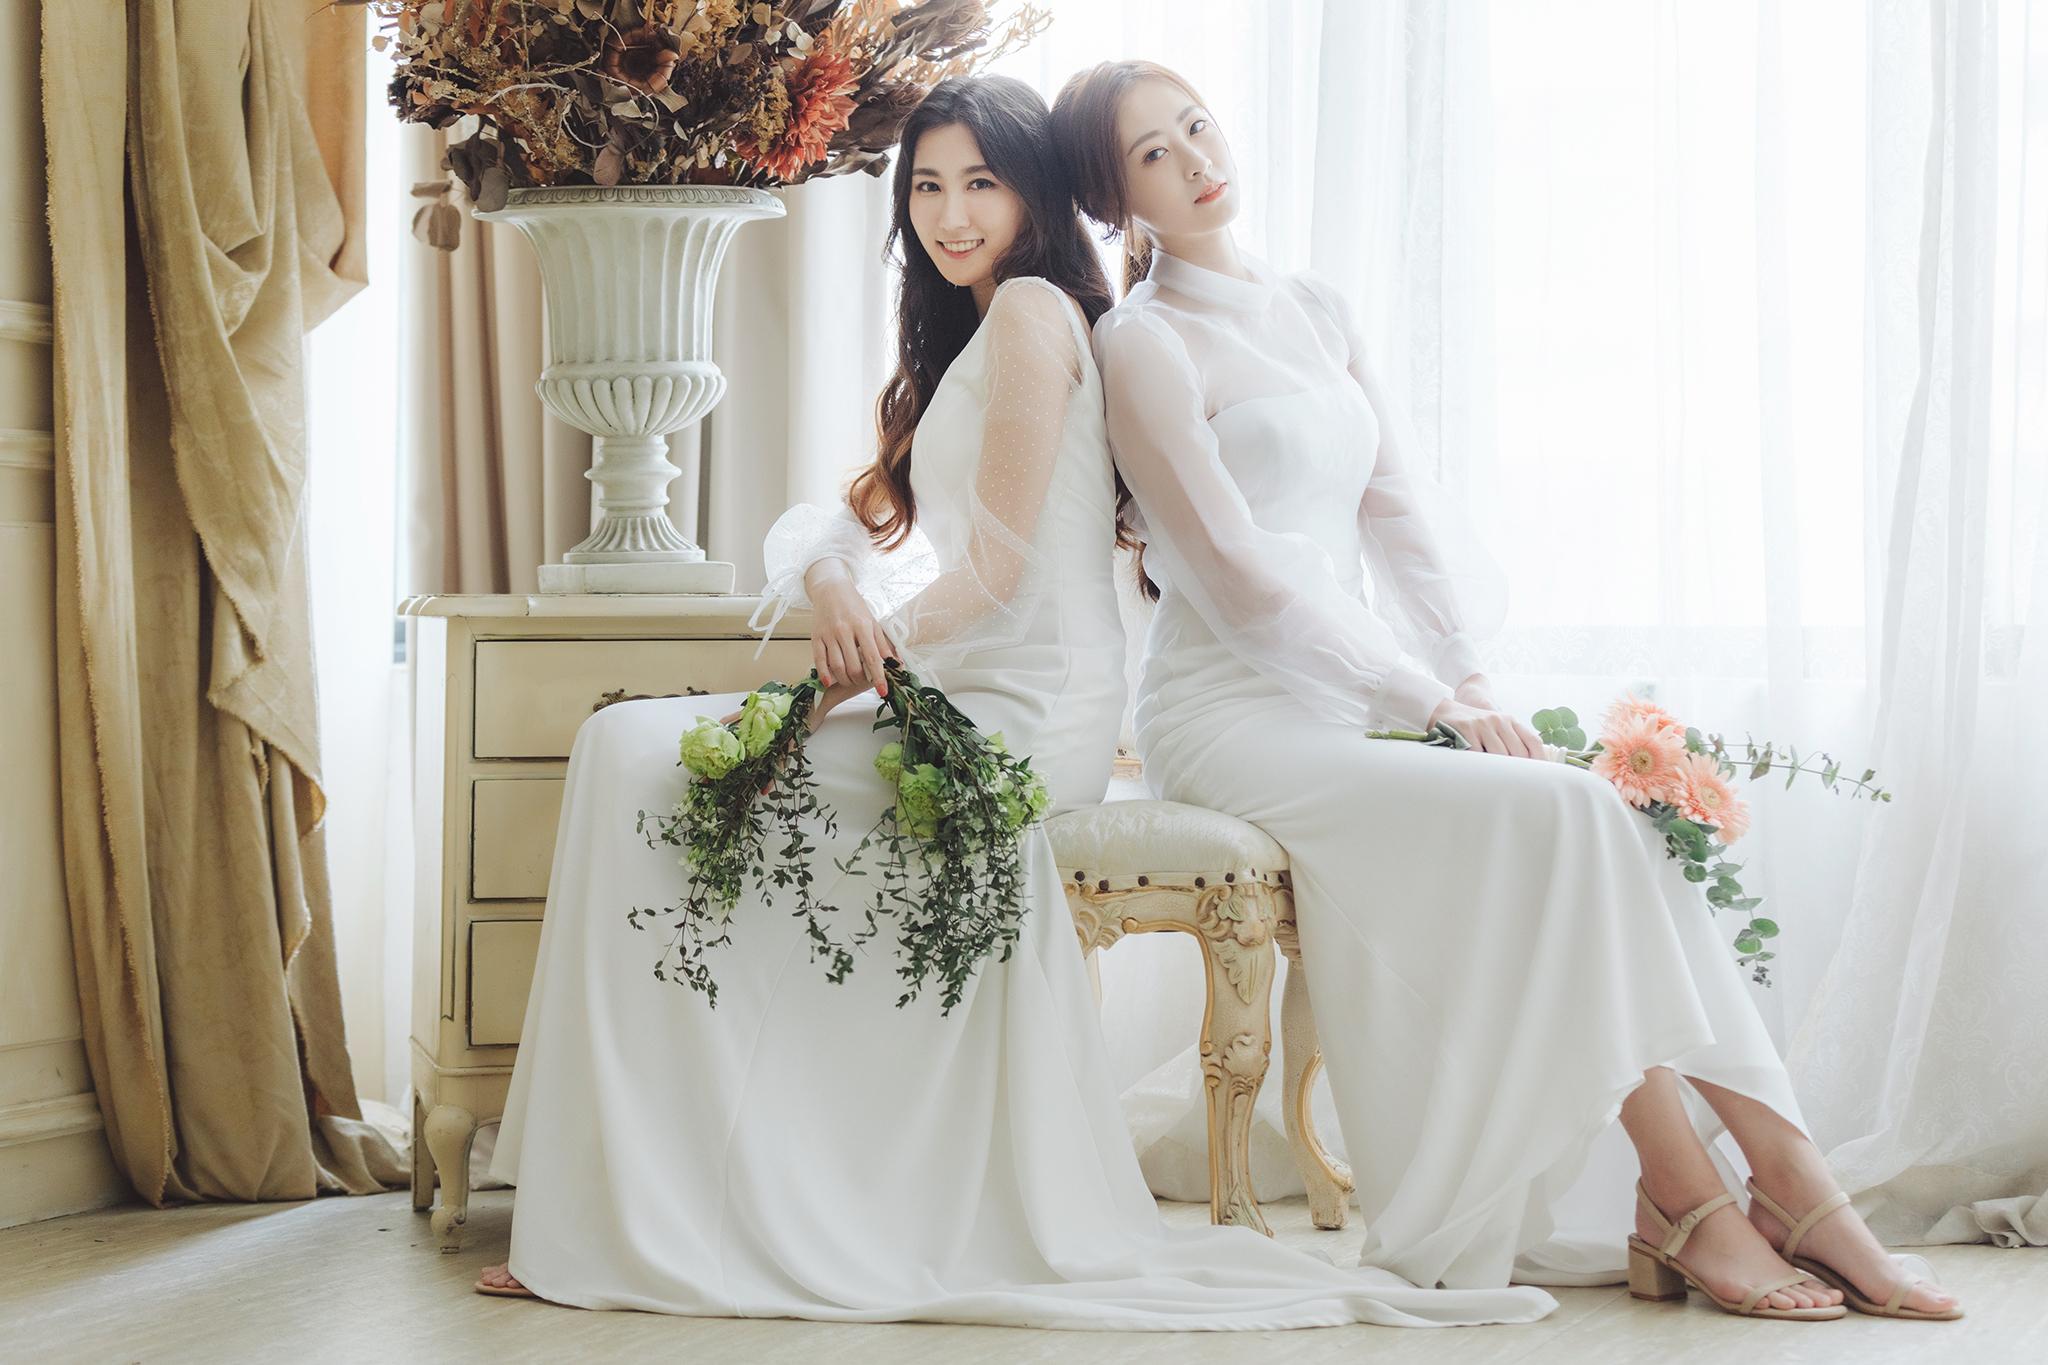 49929257126 3ab2b1a750 o - 【閨蜜婚紗】+Jessy & Tiffany+